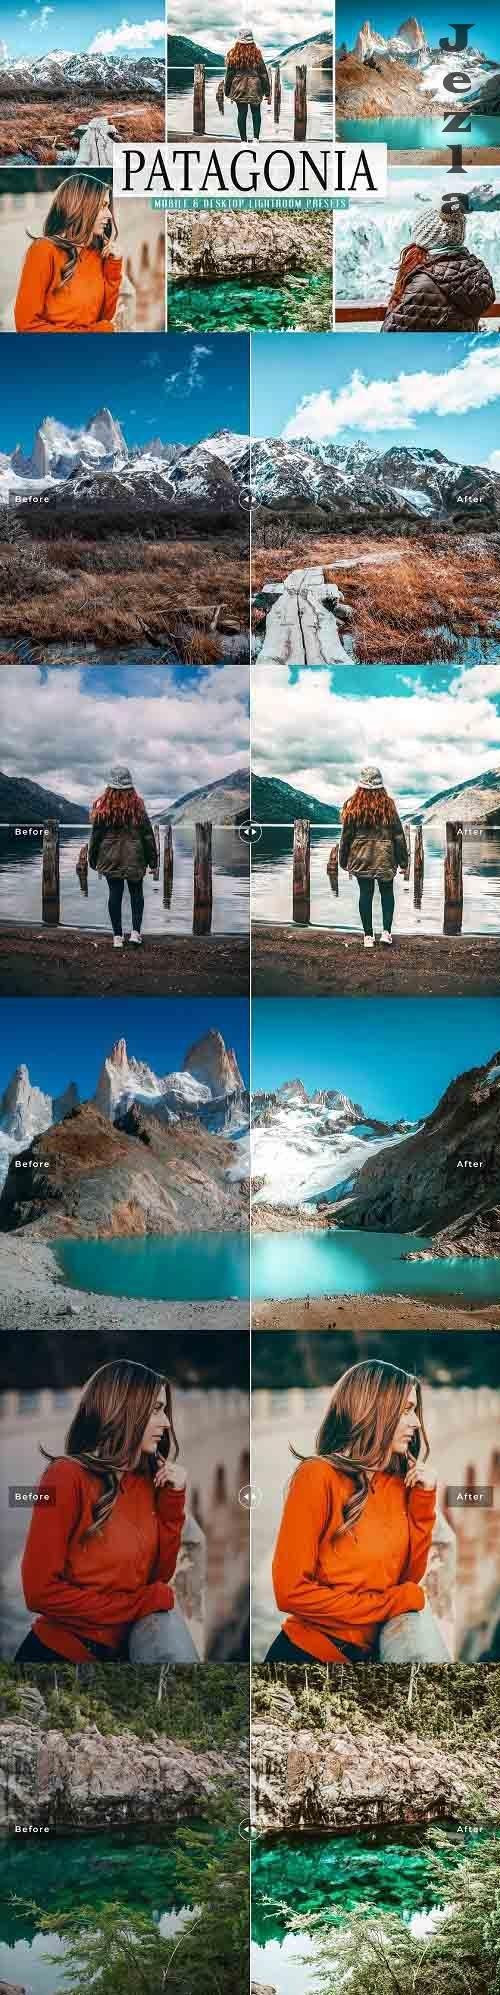 Patagonia Pro Lightroom Presets - 5669983 - Mobile & Desktop